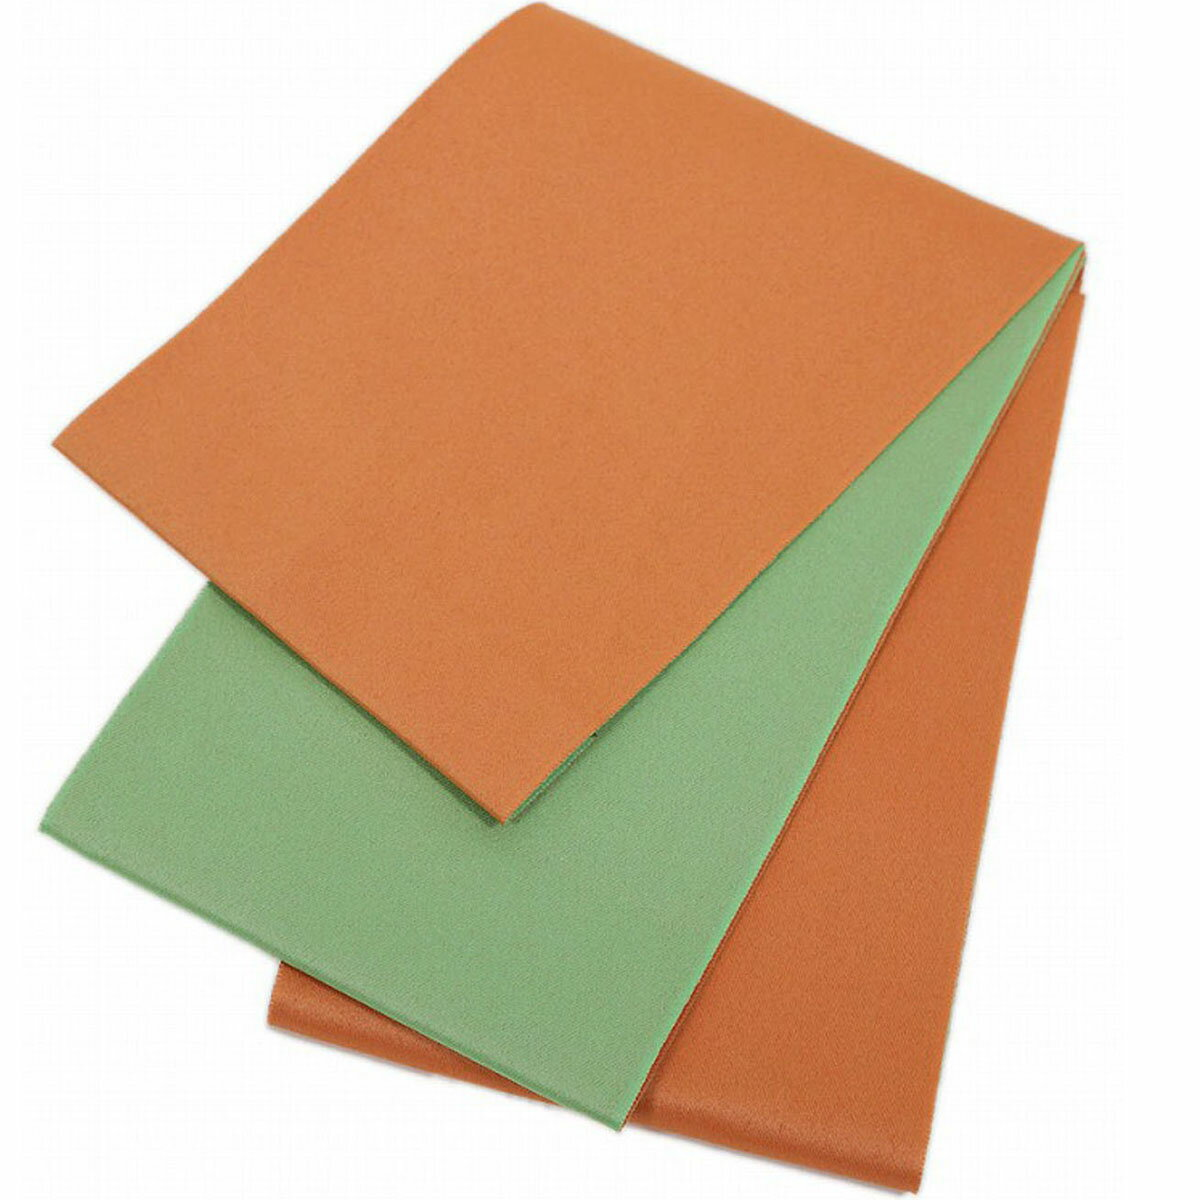 日本製 シンプル リバーシブル 浴衣帯 無地 オレンジ×鶸色 長尺 超長尺